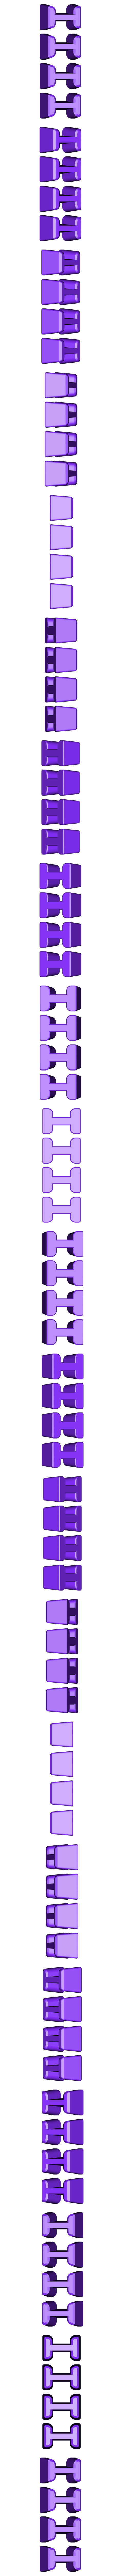 Butterfly_Joint_x4_(Modular Castle Playset - 3D-printable)_By_CreativeTools.se.stl Télécharger fichier STL gratuit Plateau modulaire de château (imprimable en 3D) • Modèle à imprimer en 3D, CreativeTools